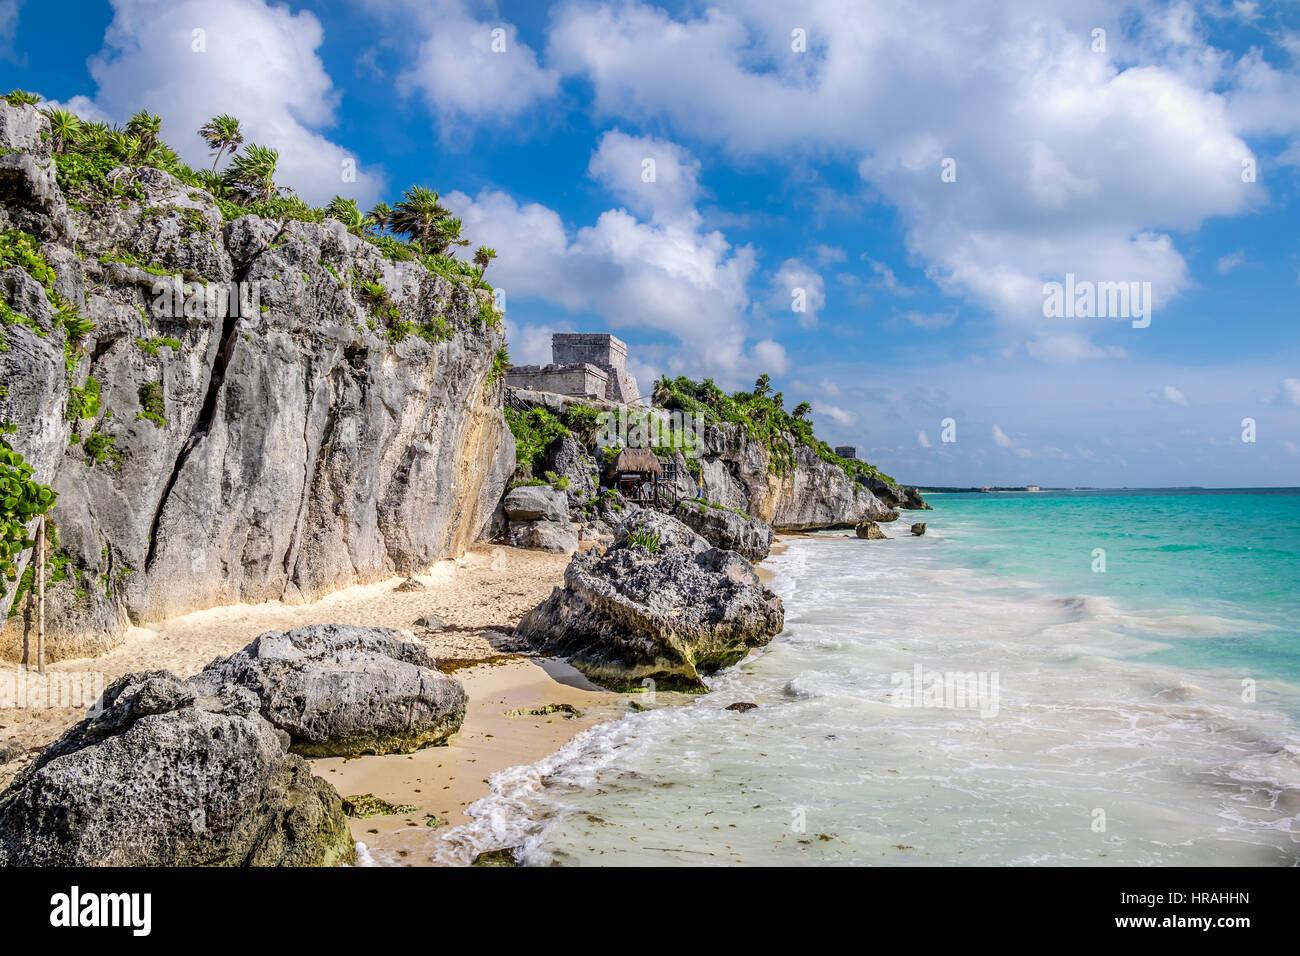 El Castillo et plage des Caraïbes - ruines mayas de Tulum, Mexique Photo Stock